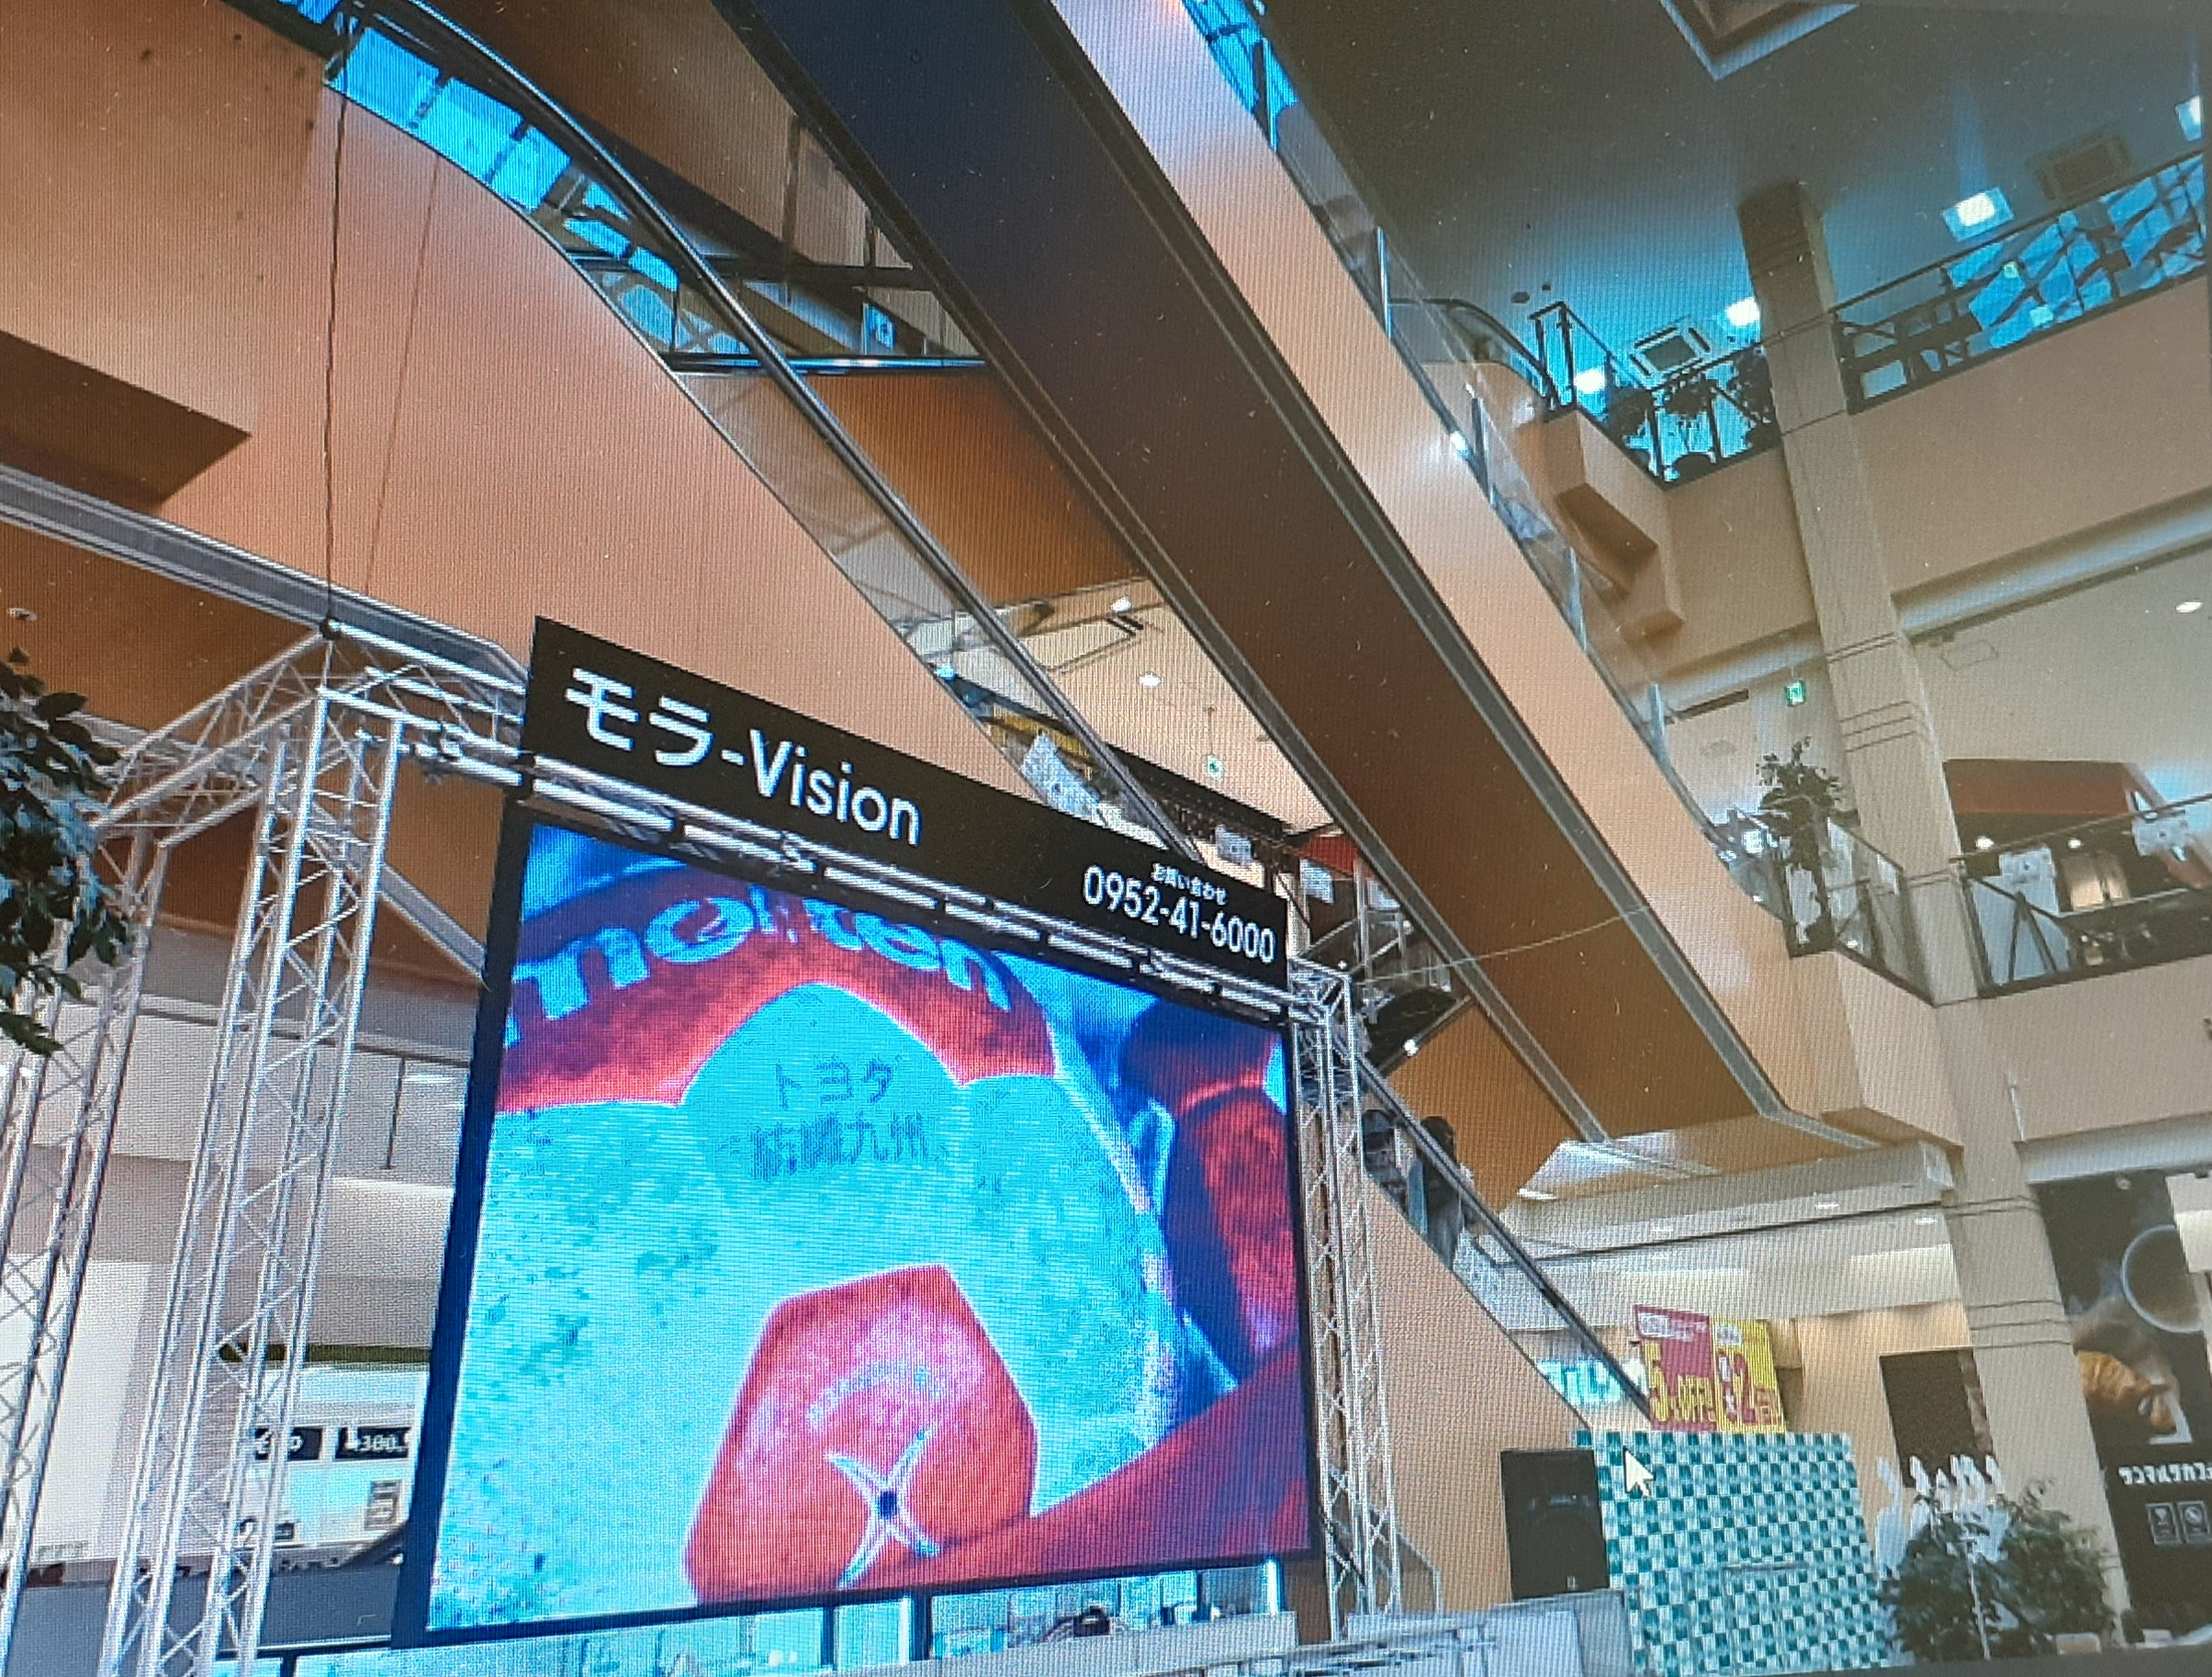 モラージュ佐賀センターコートでプロモーションビデオ上映! 大型ビジョンに迫真プレー